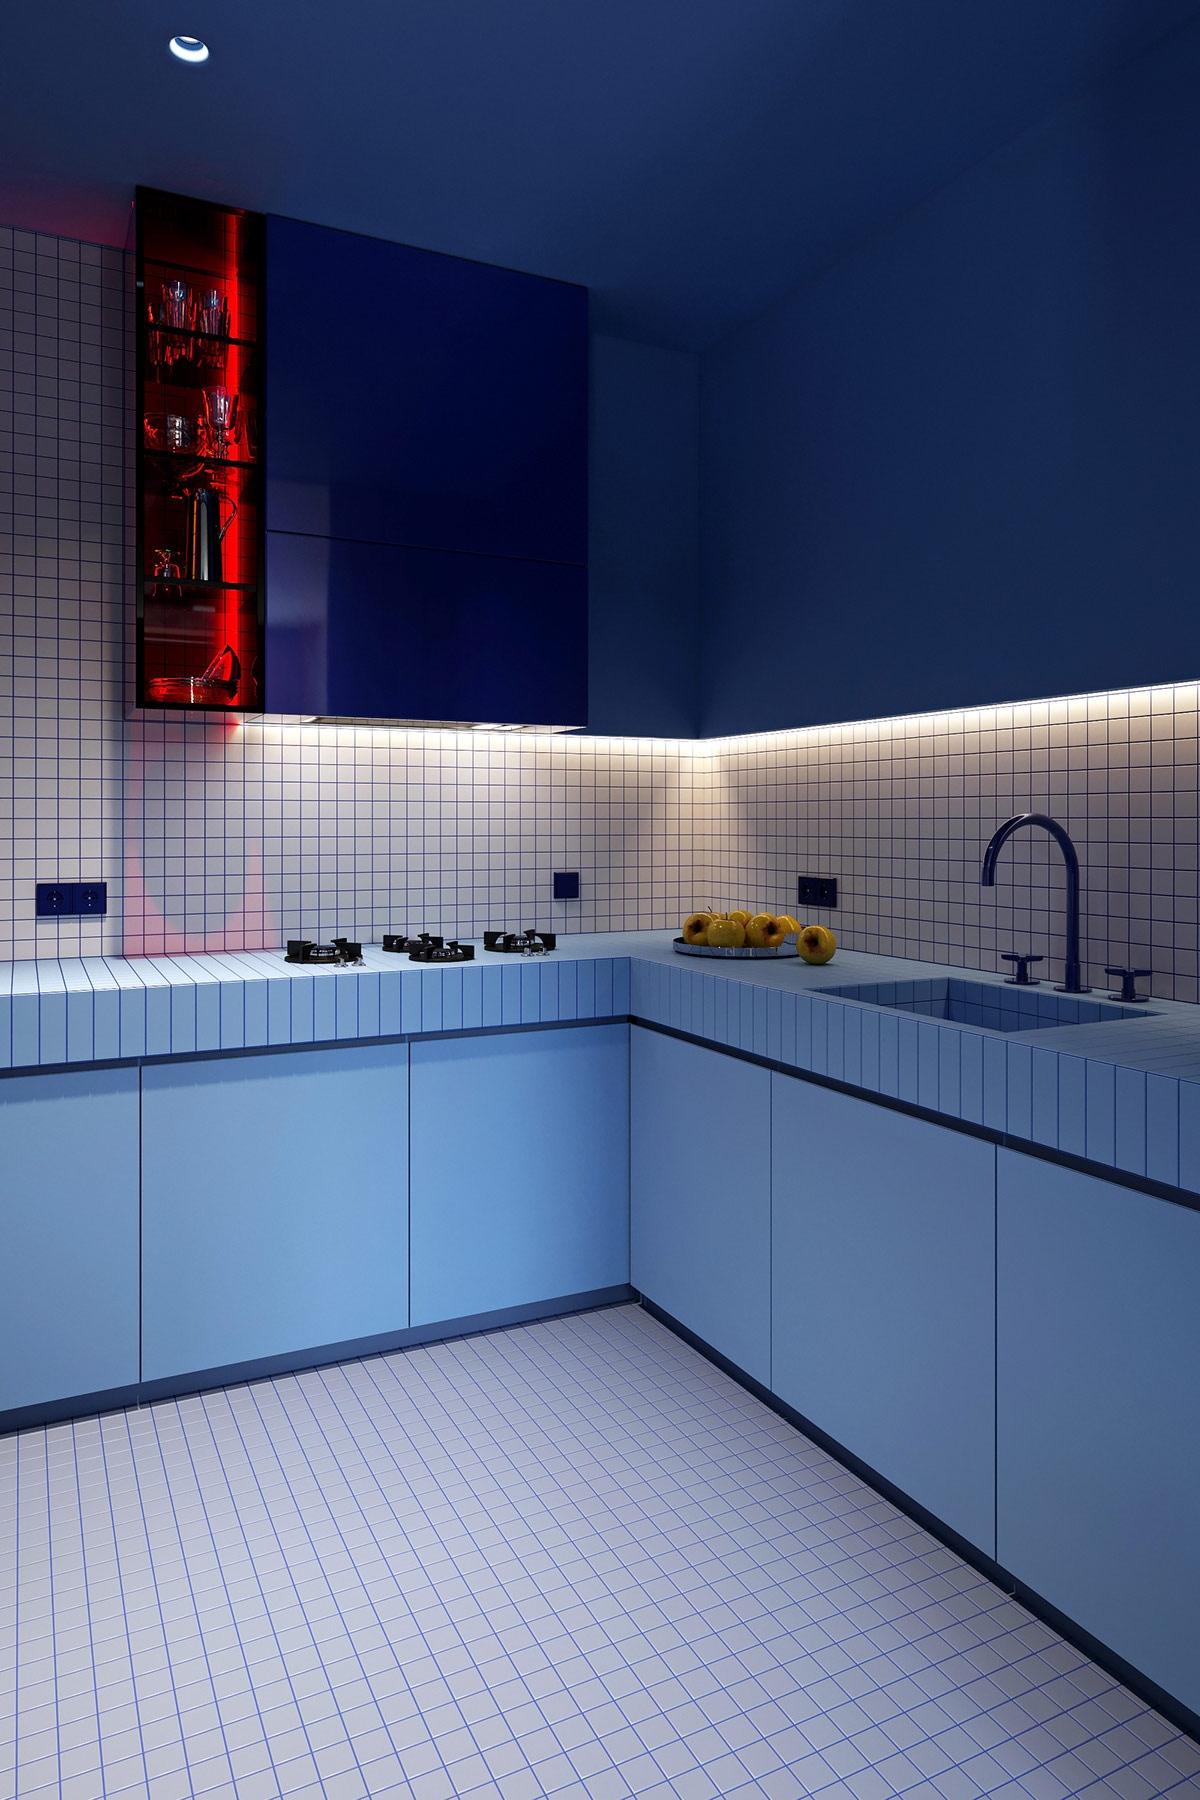 Màu xanh tiếp tục sử dụng độc đáo và đầy cá tính trong khu bếp.